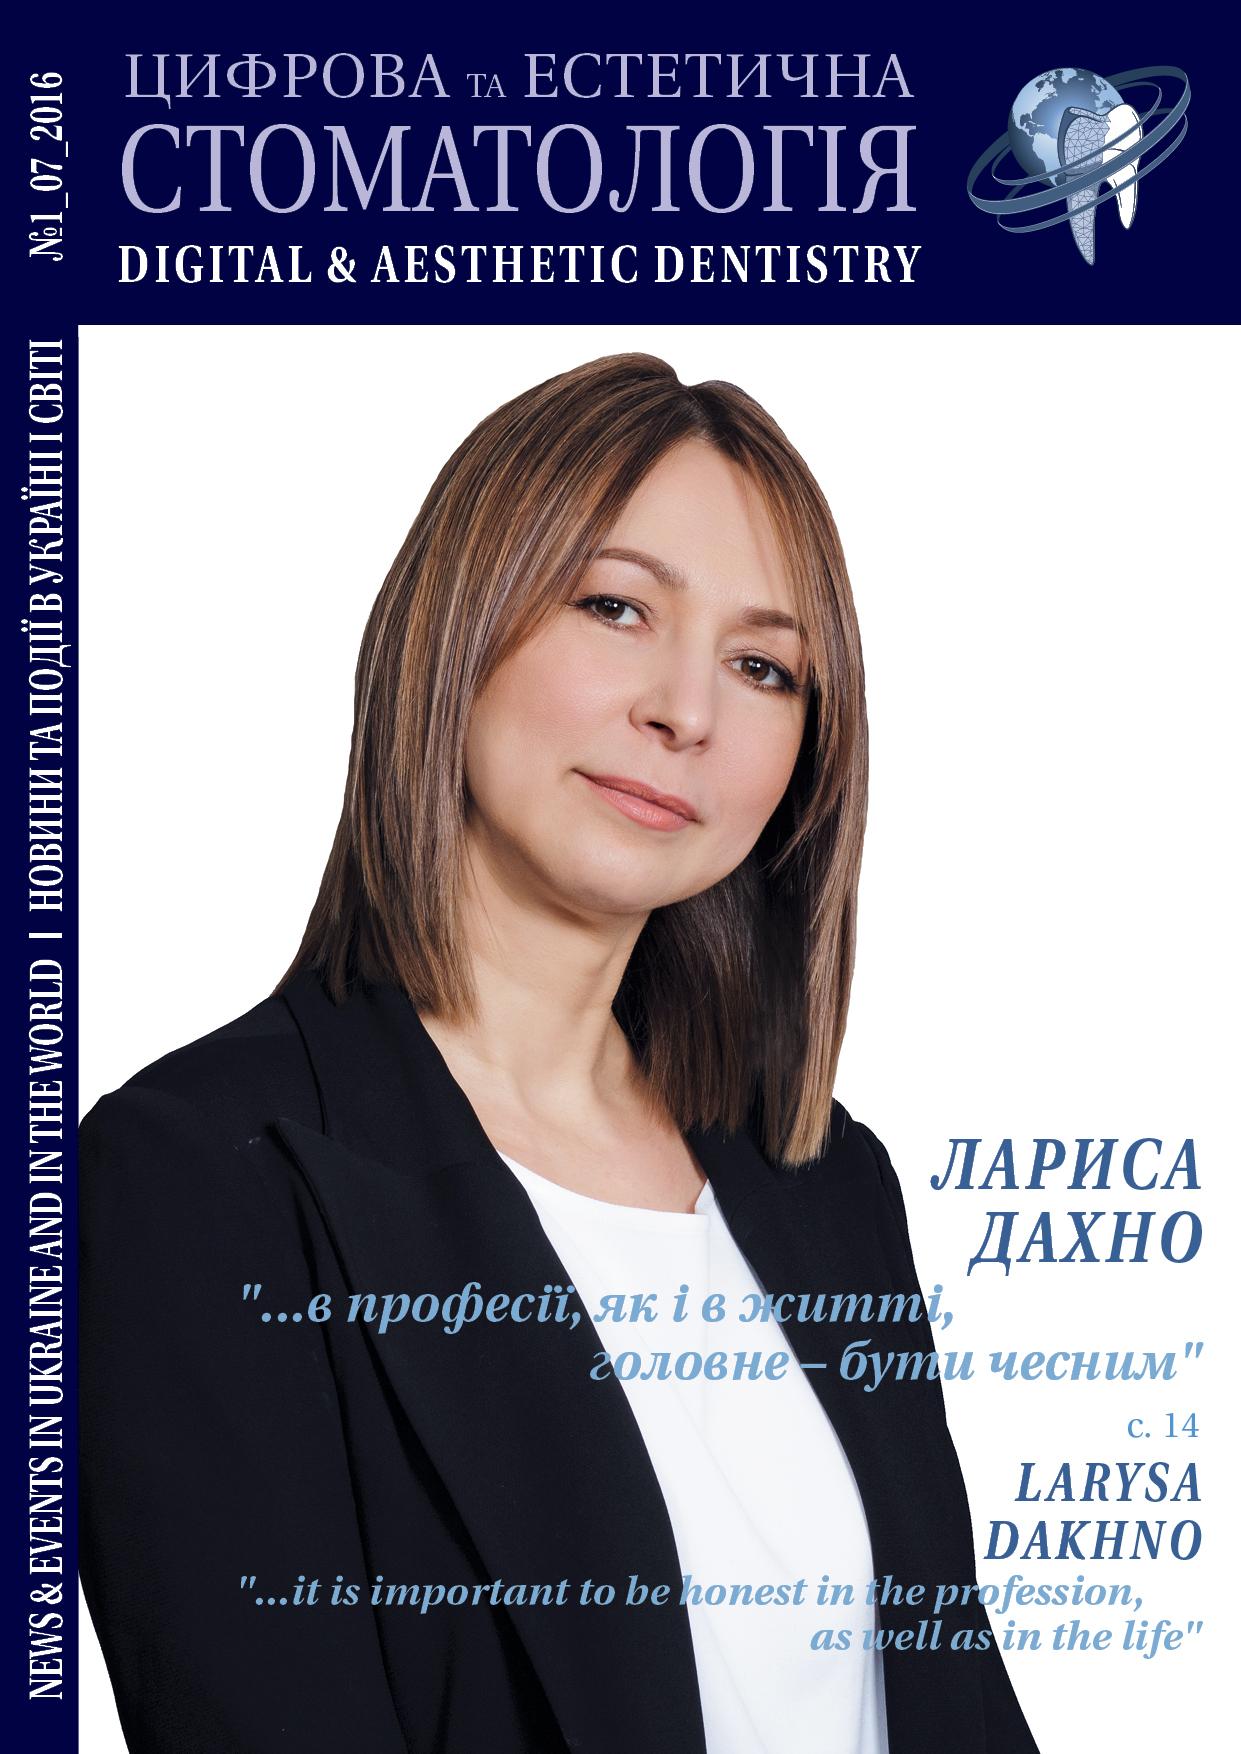 Журнал «ЦИФРОВА та ЕСТЕТИЧНА СТОМАТОЛОГІЯ», №1, 2016 г.